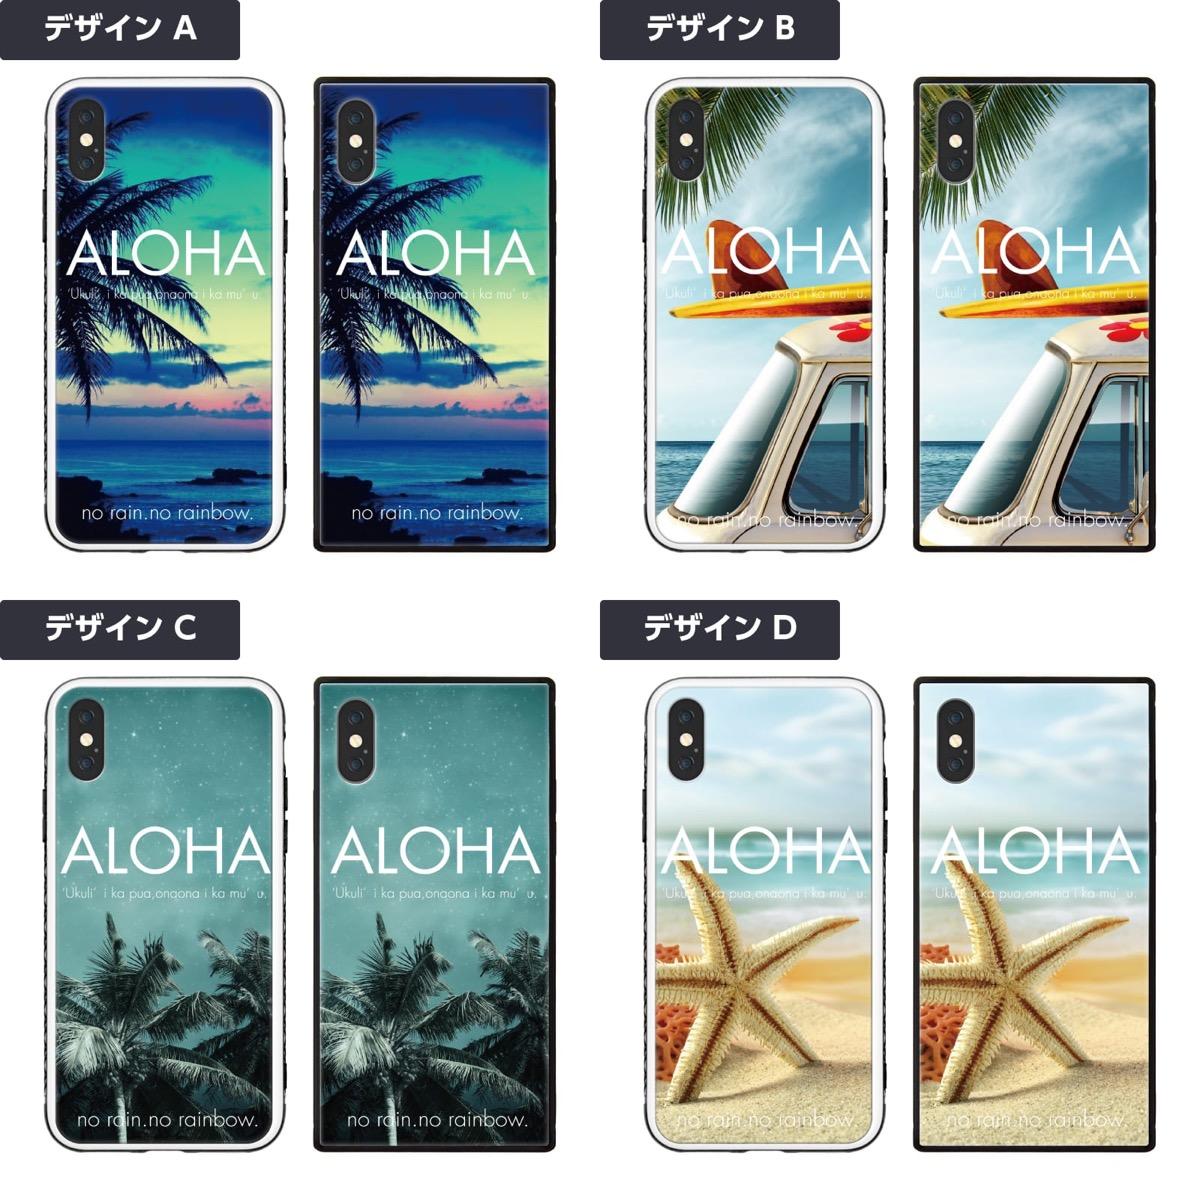 耐衝撃TPUiPhoneケーススクエア型四角強化ガラススマホケースiPhone8XRXSX6siPhoneiPhone7iPhone8iPhoneXRiPhoneXPlusおしゃれ可愛いハワイアンハワイサーフ海マリーン南国トロピカルペアルックペアカップルグッズhawaiialohaアロハ